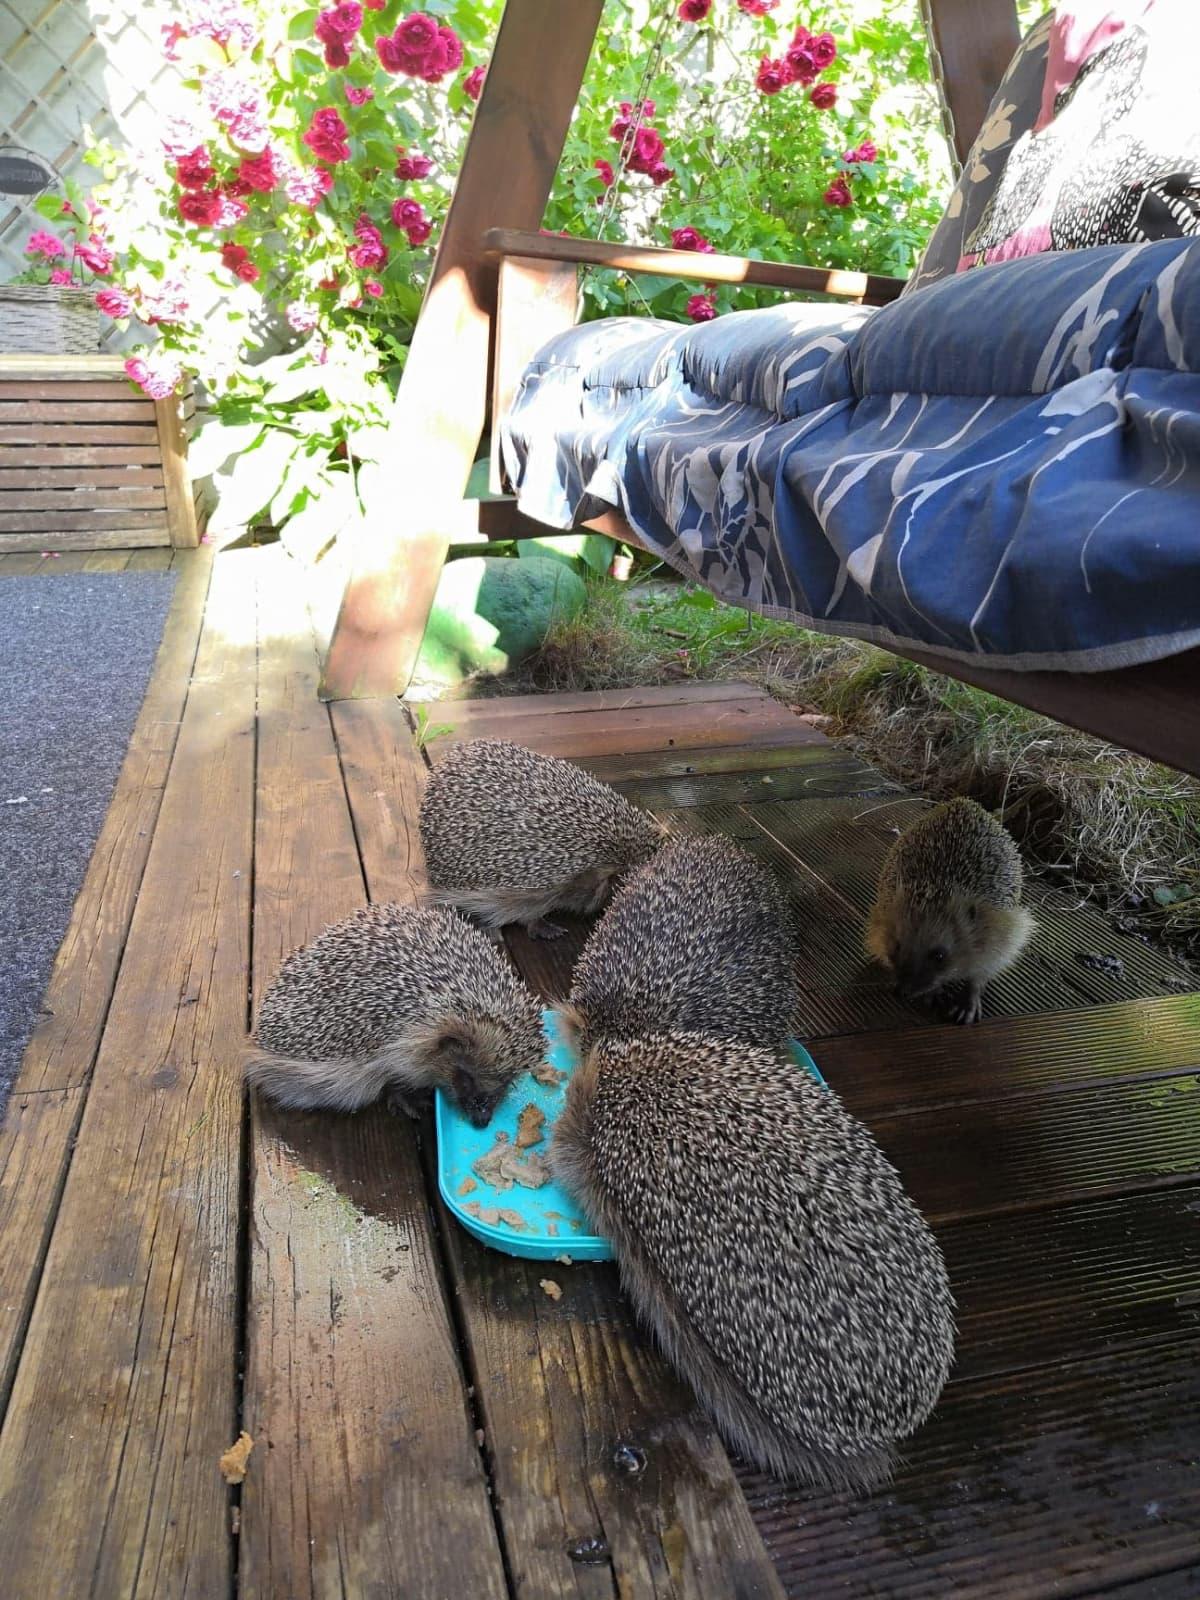 Siilejä syömässä helsinkiläisessä pihassa.